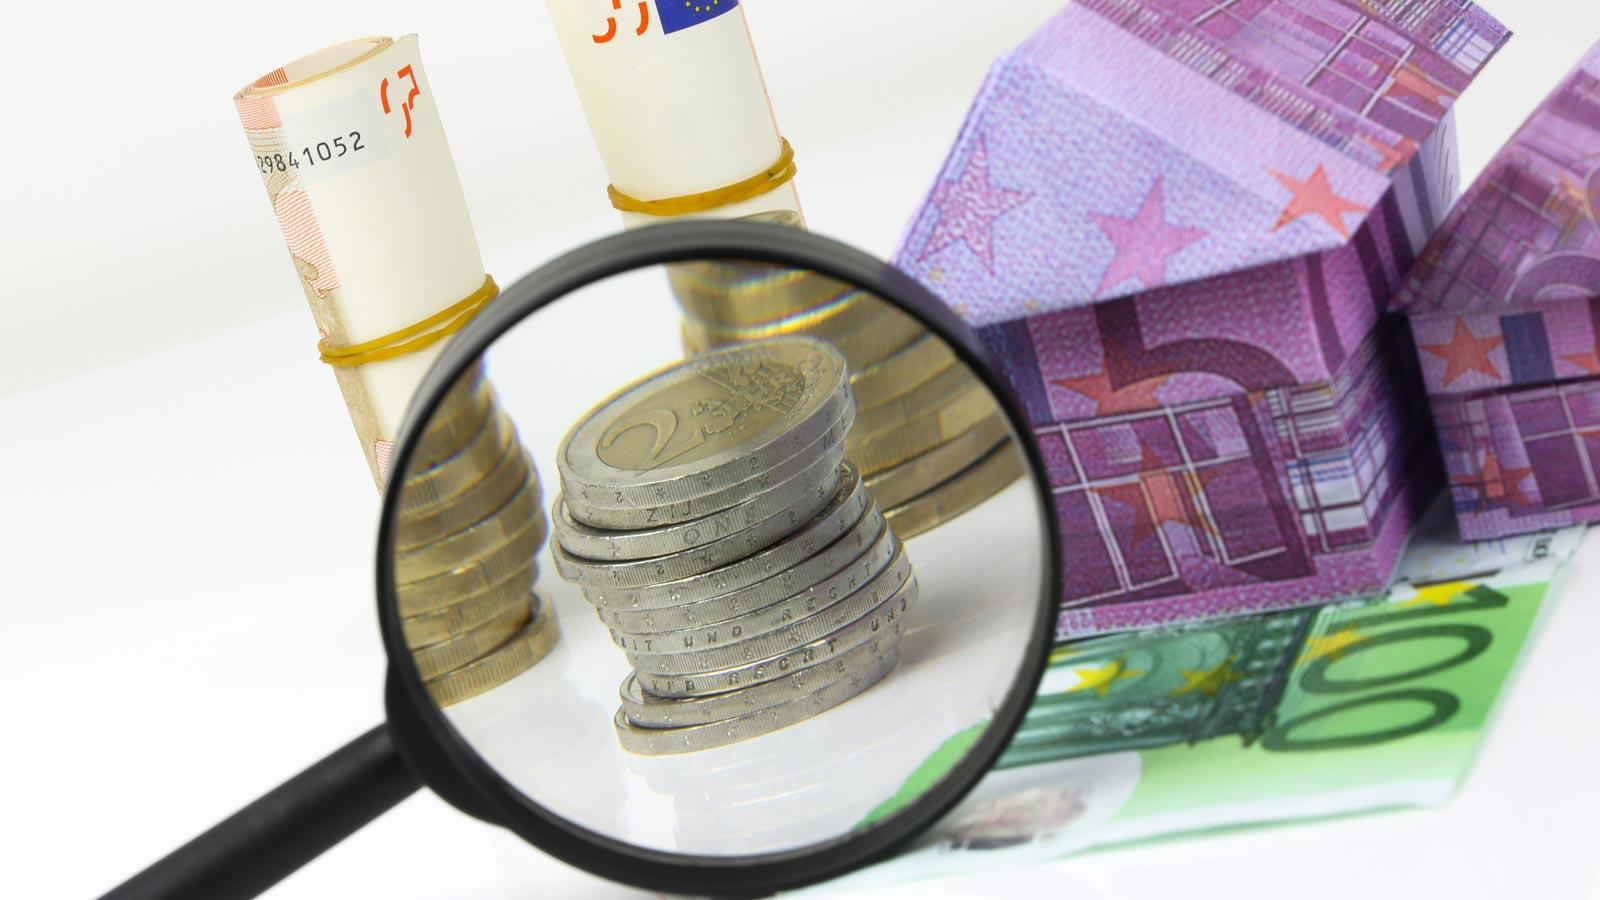 Haus aus Euro-Geldschein, Lupe vergrößert einen Münzstapel